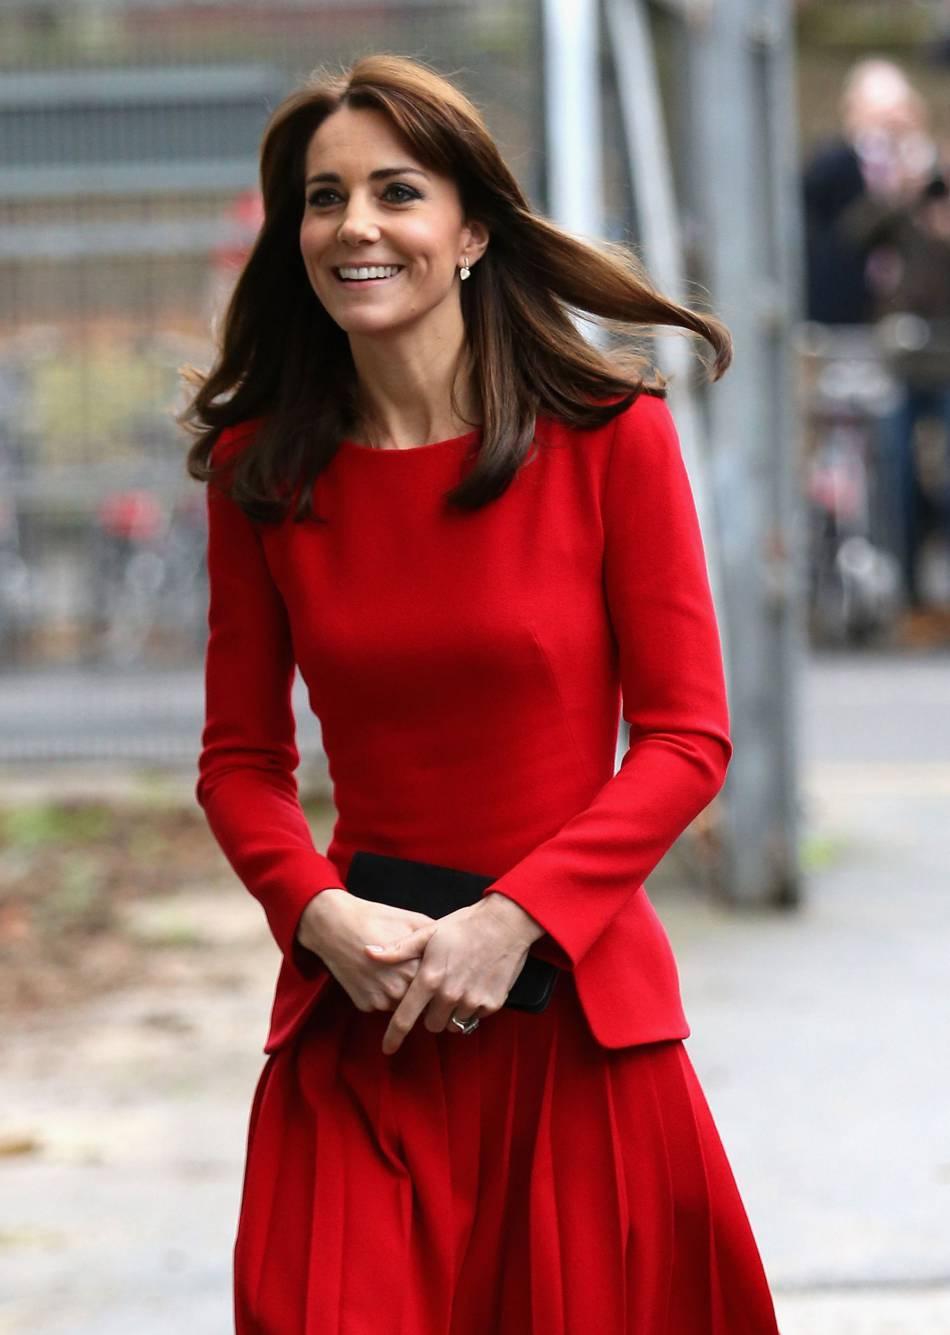 Kate Middleton est heureuse que son fils soit désormais à l'école. Cela lui laissera davantage de temps pour bichonner sa fille.